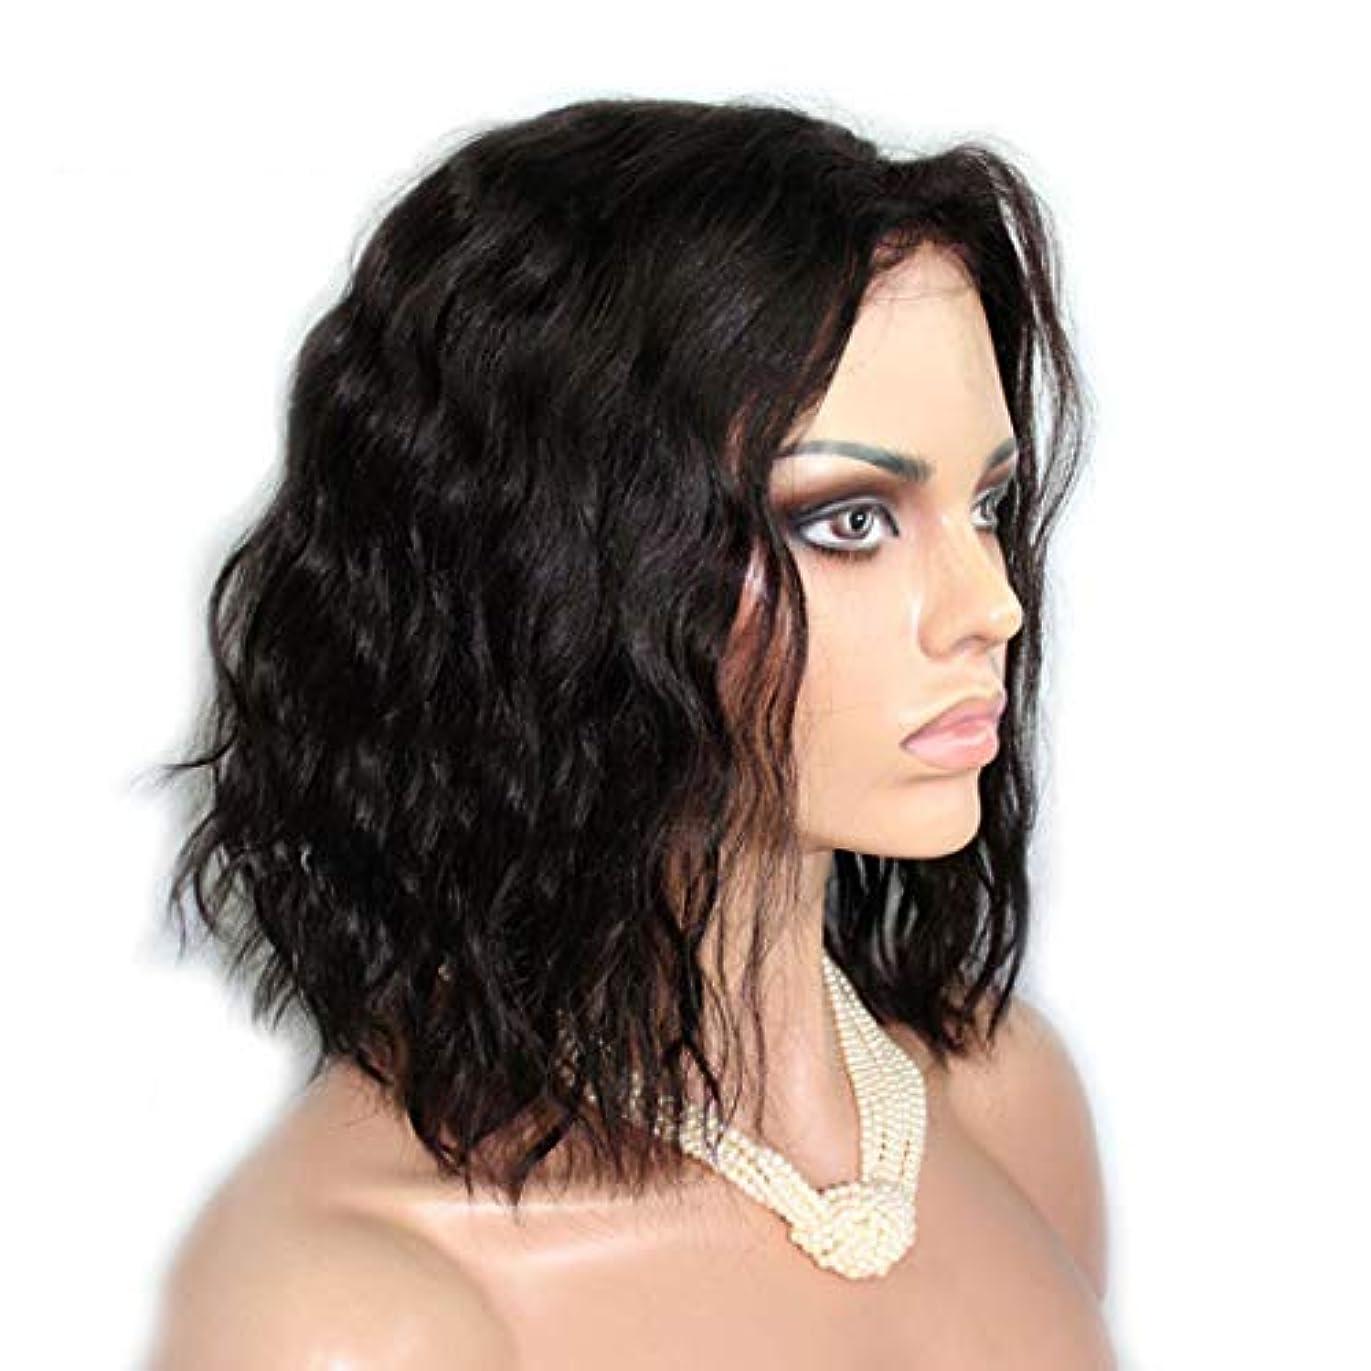 眉をひそめる自殺承知しましたYOUQIU ヨーロッパとアメリカの女性のフロントレースの化学繊維の短い巻き毛のかつらメーカーは卸売ウィッグを見つけかつらイーベイ新製品爆発 (色 : 写真の通り)